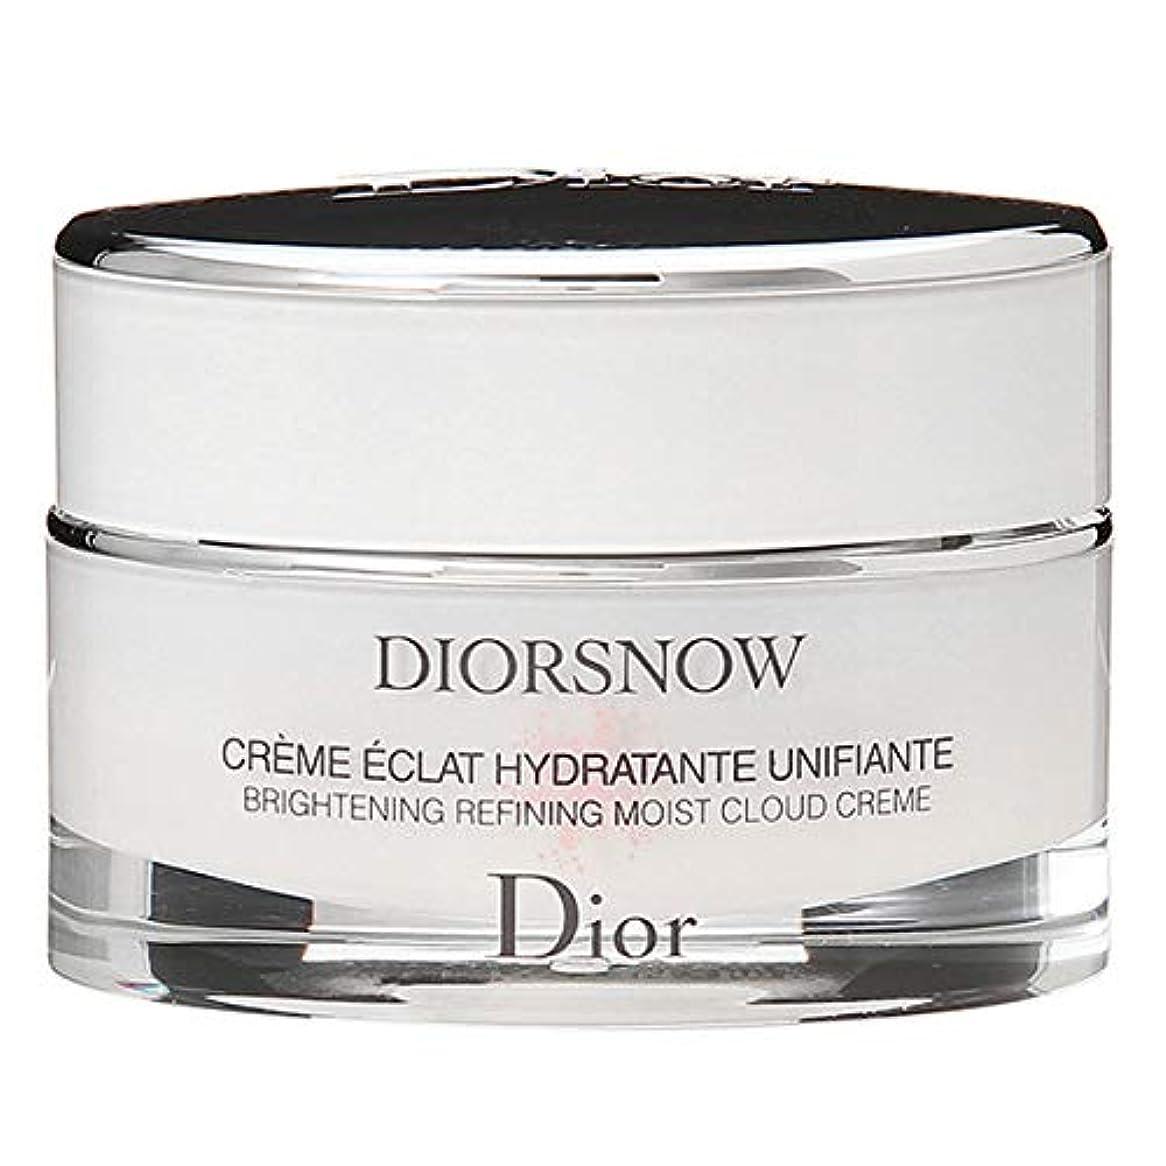 建物激怒特異なクリスチャンディオール Christian Dior ディオール スノー ブライトニング モイスト クリーム 50mL 【並行輸入品】